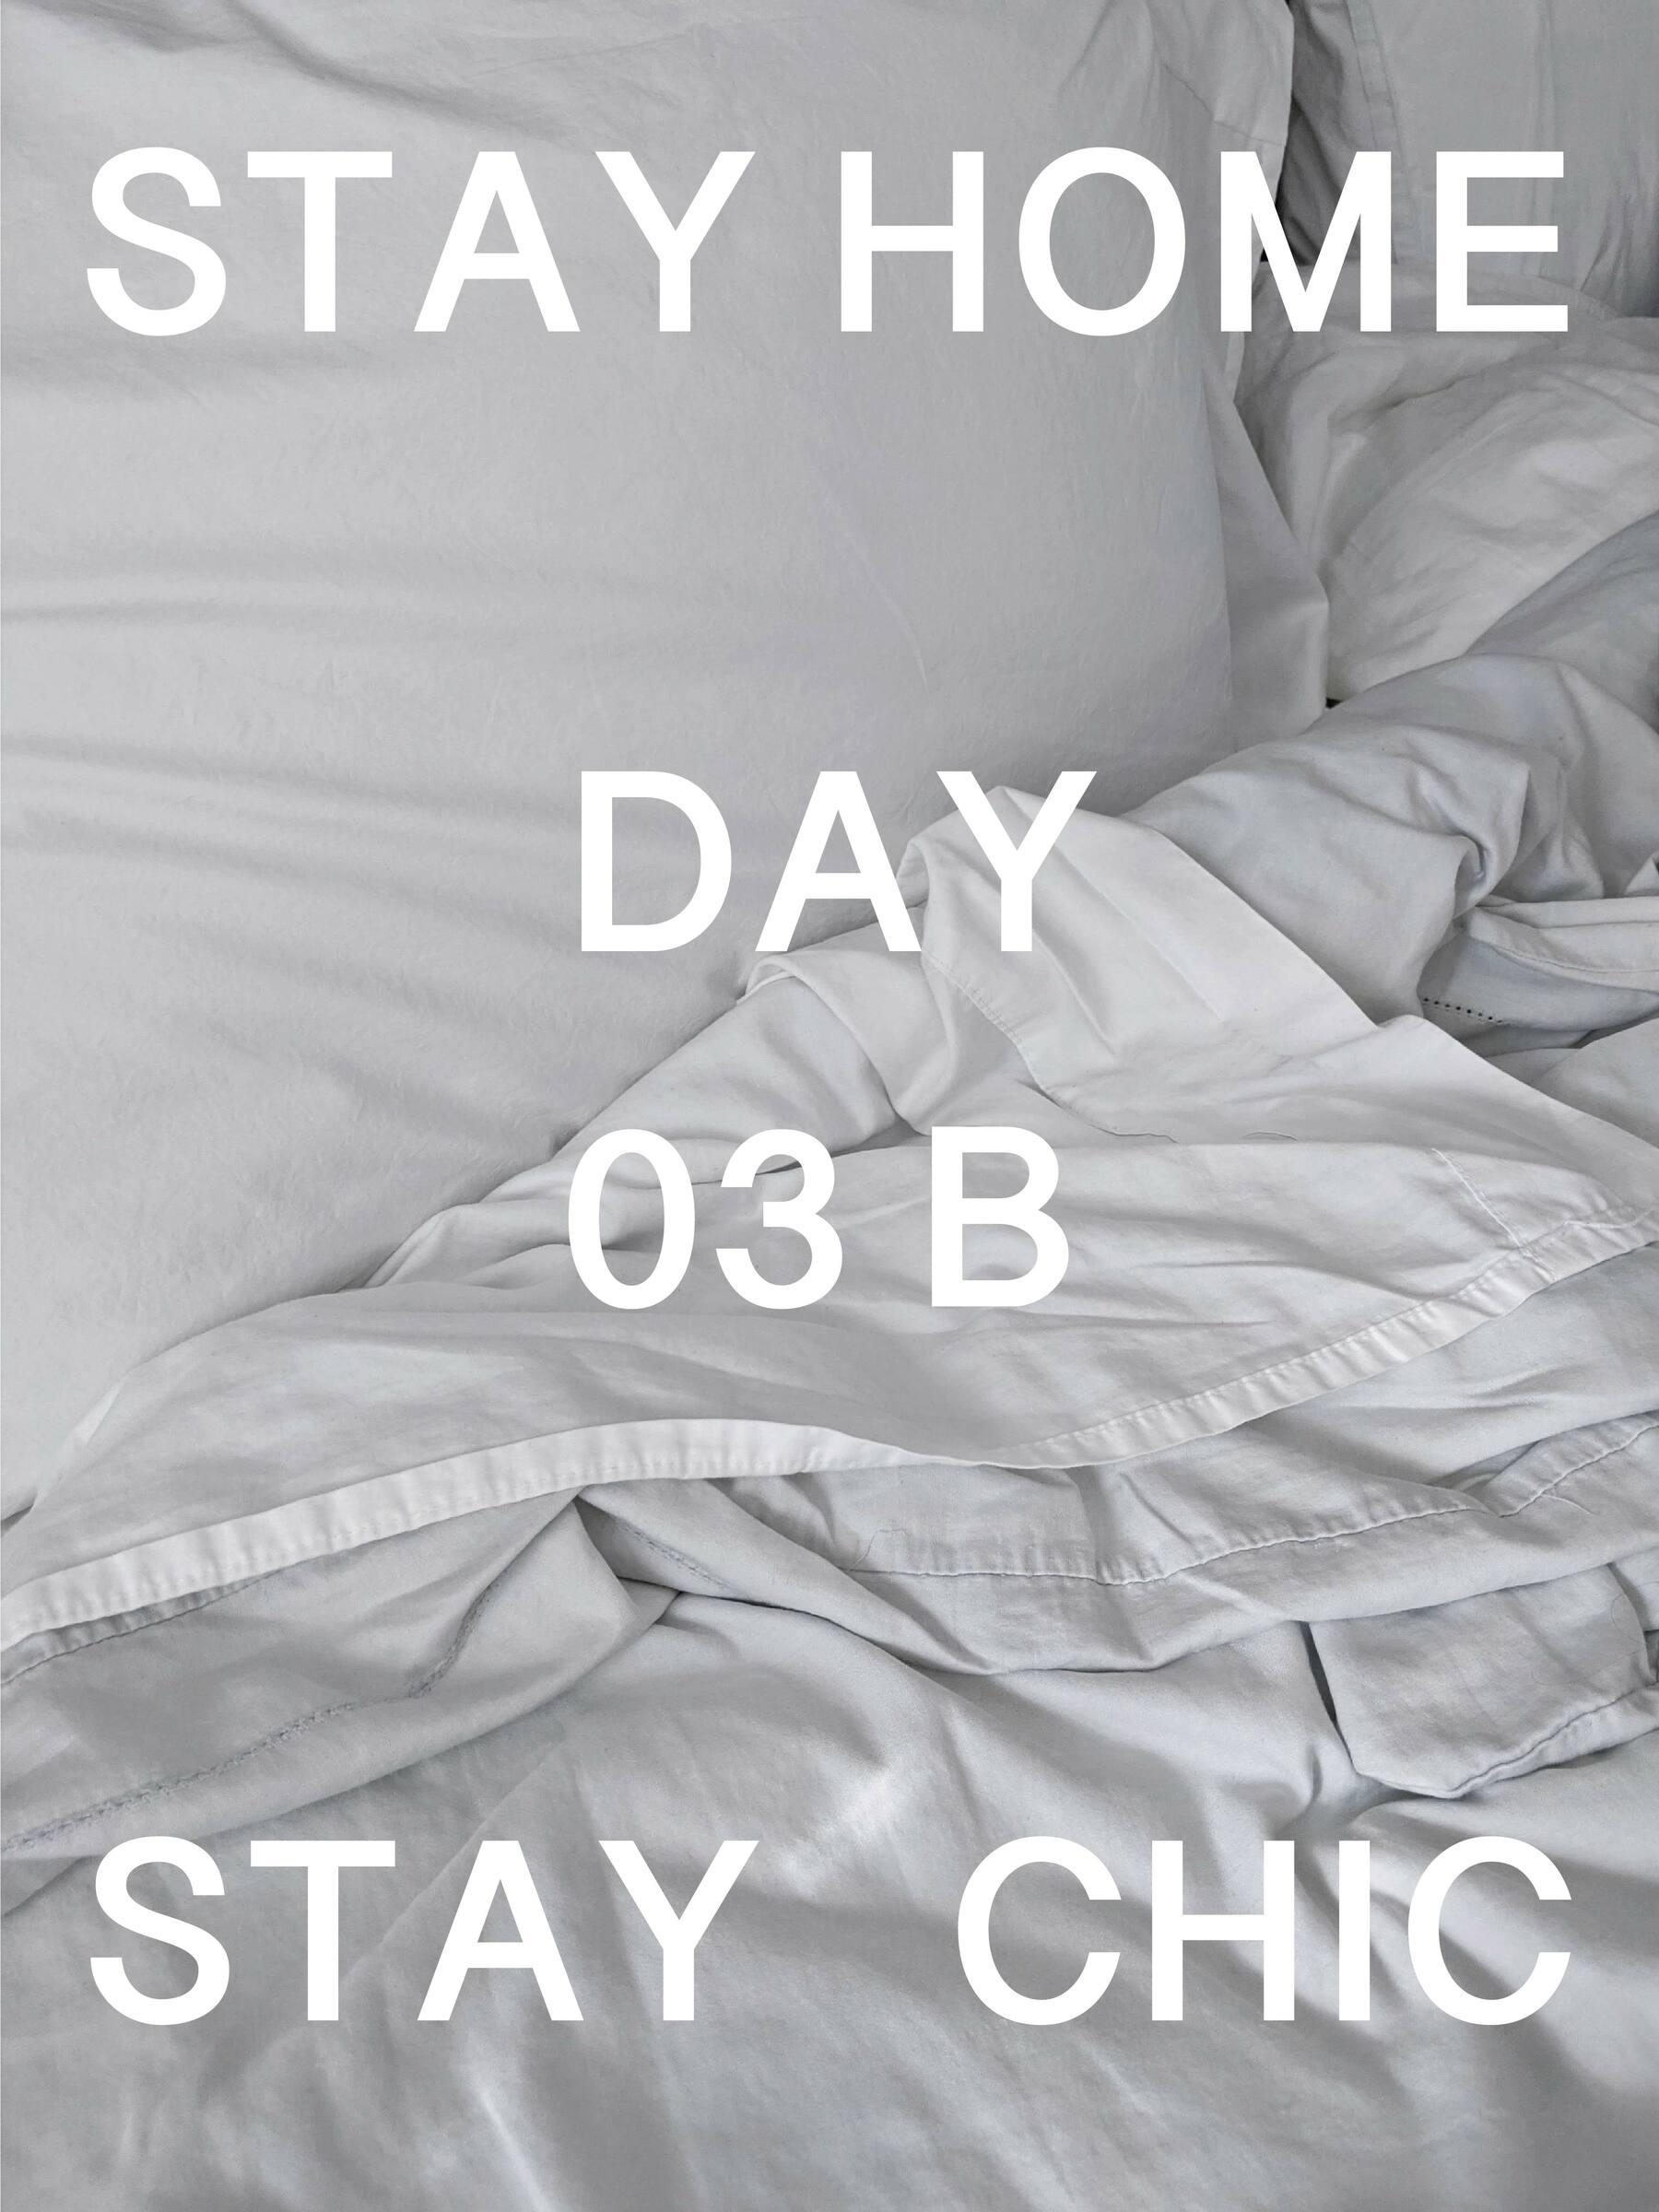 STAY HOME STAY CHIC b_工作區域 1 複本.jpg